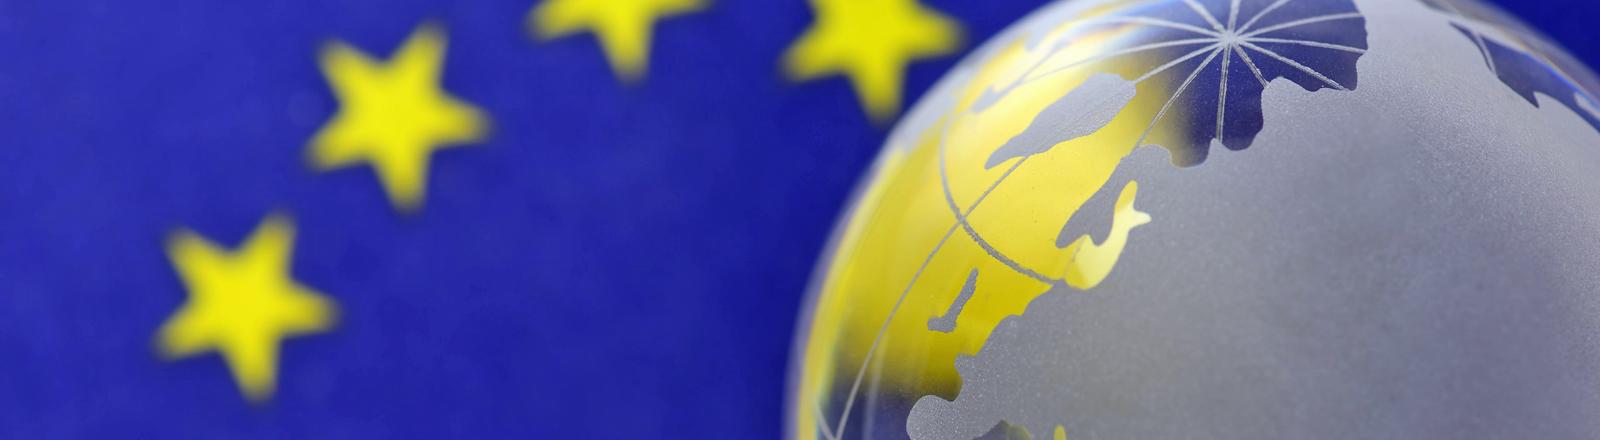 Die Flagge Europas.